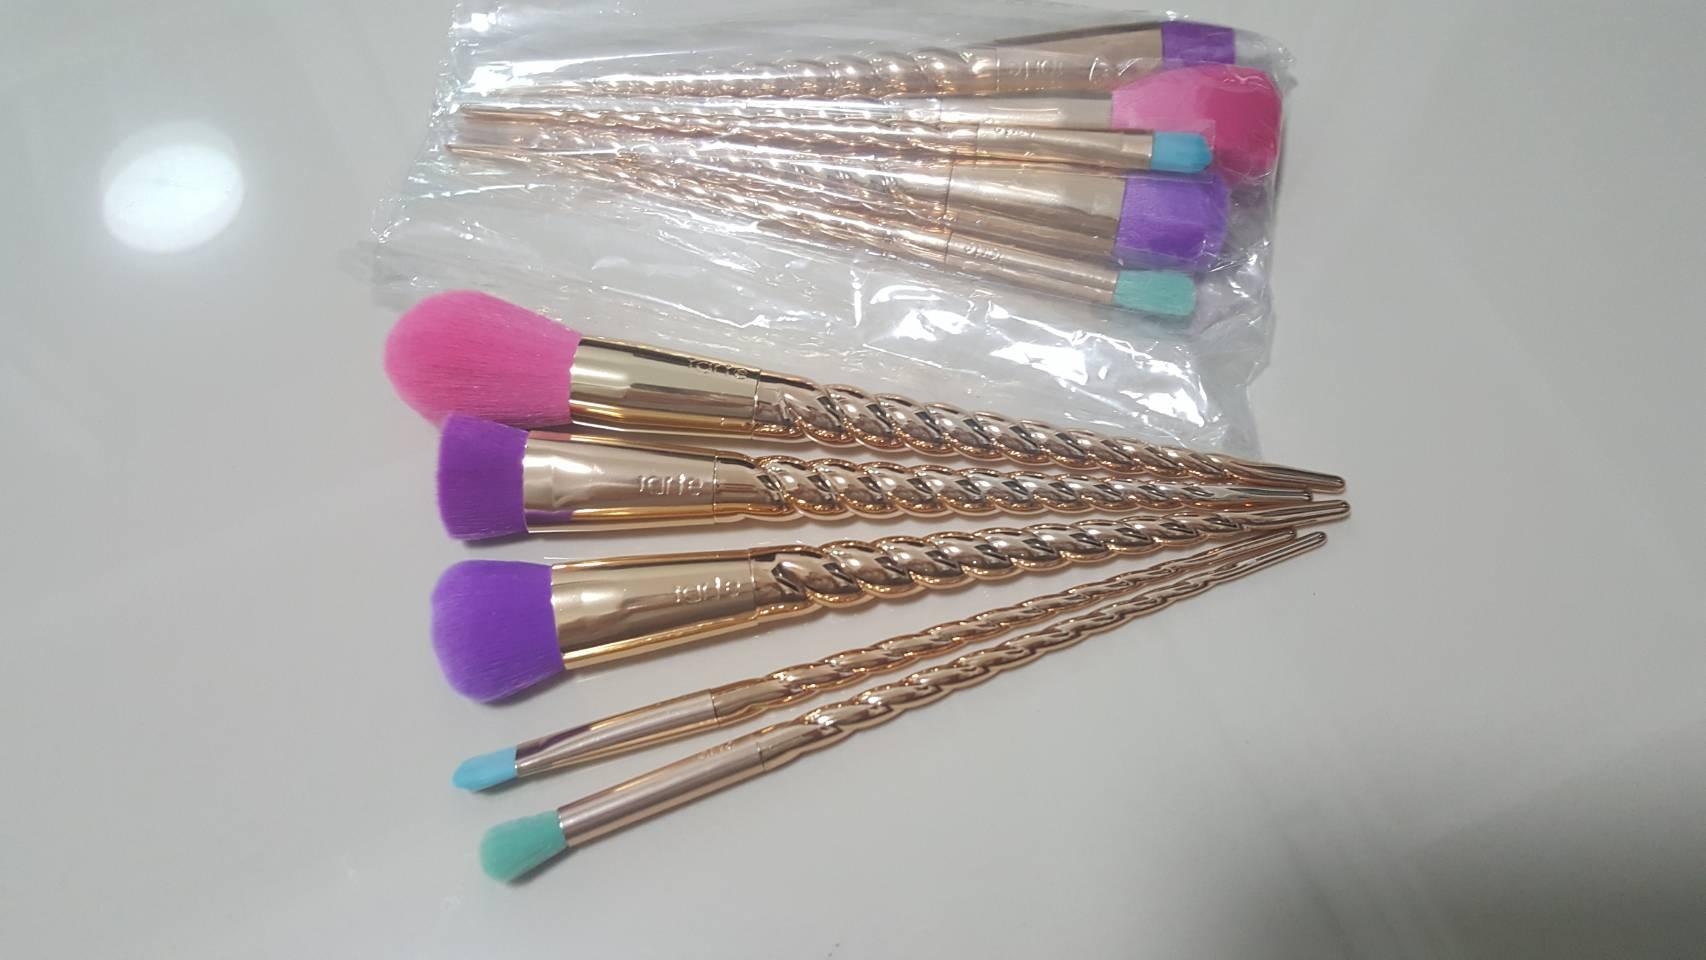 tarte Magic Wands Brush Set เซตกล่อง 5 ชิ้น (No box) ถ่ายจากสินค้าจริง